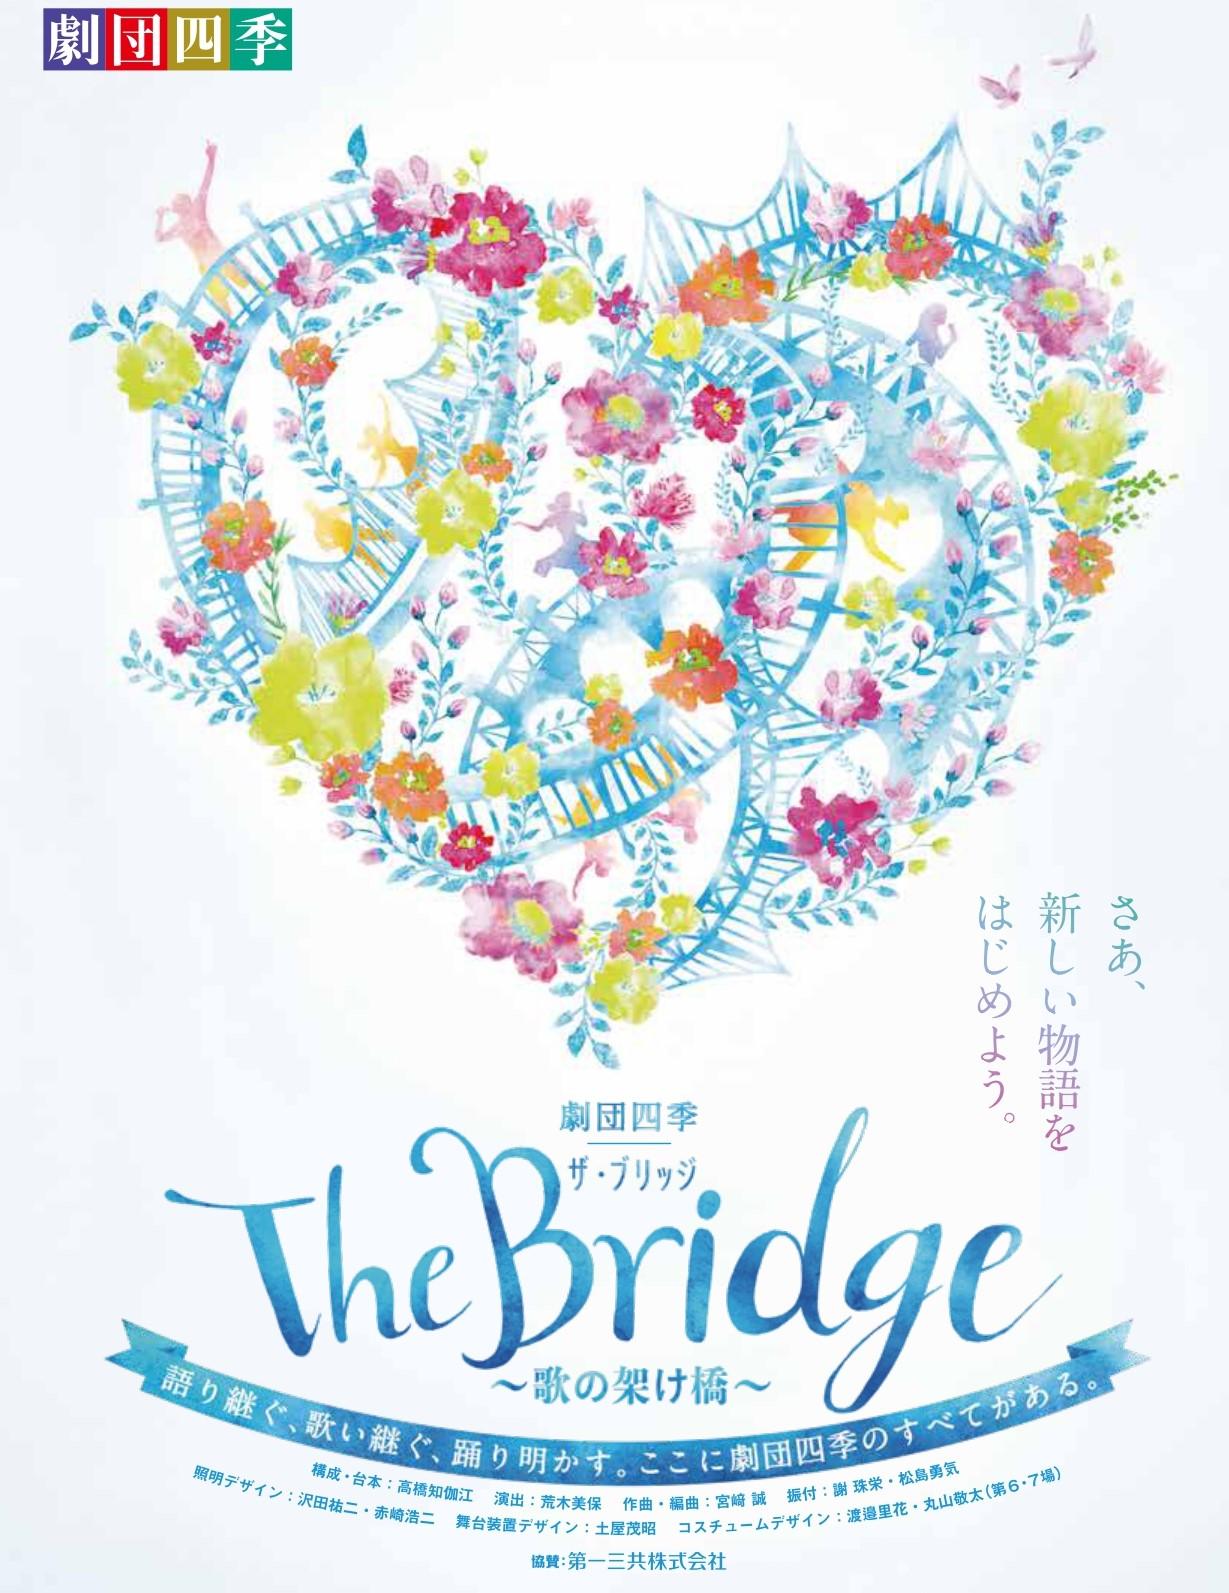 劇団四季「The Bridge~歌の架け橋~」